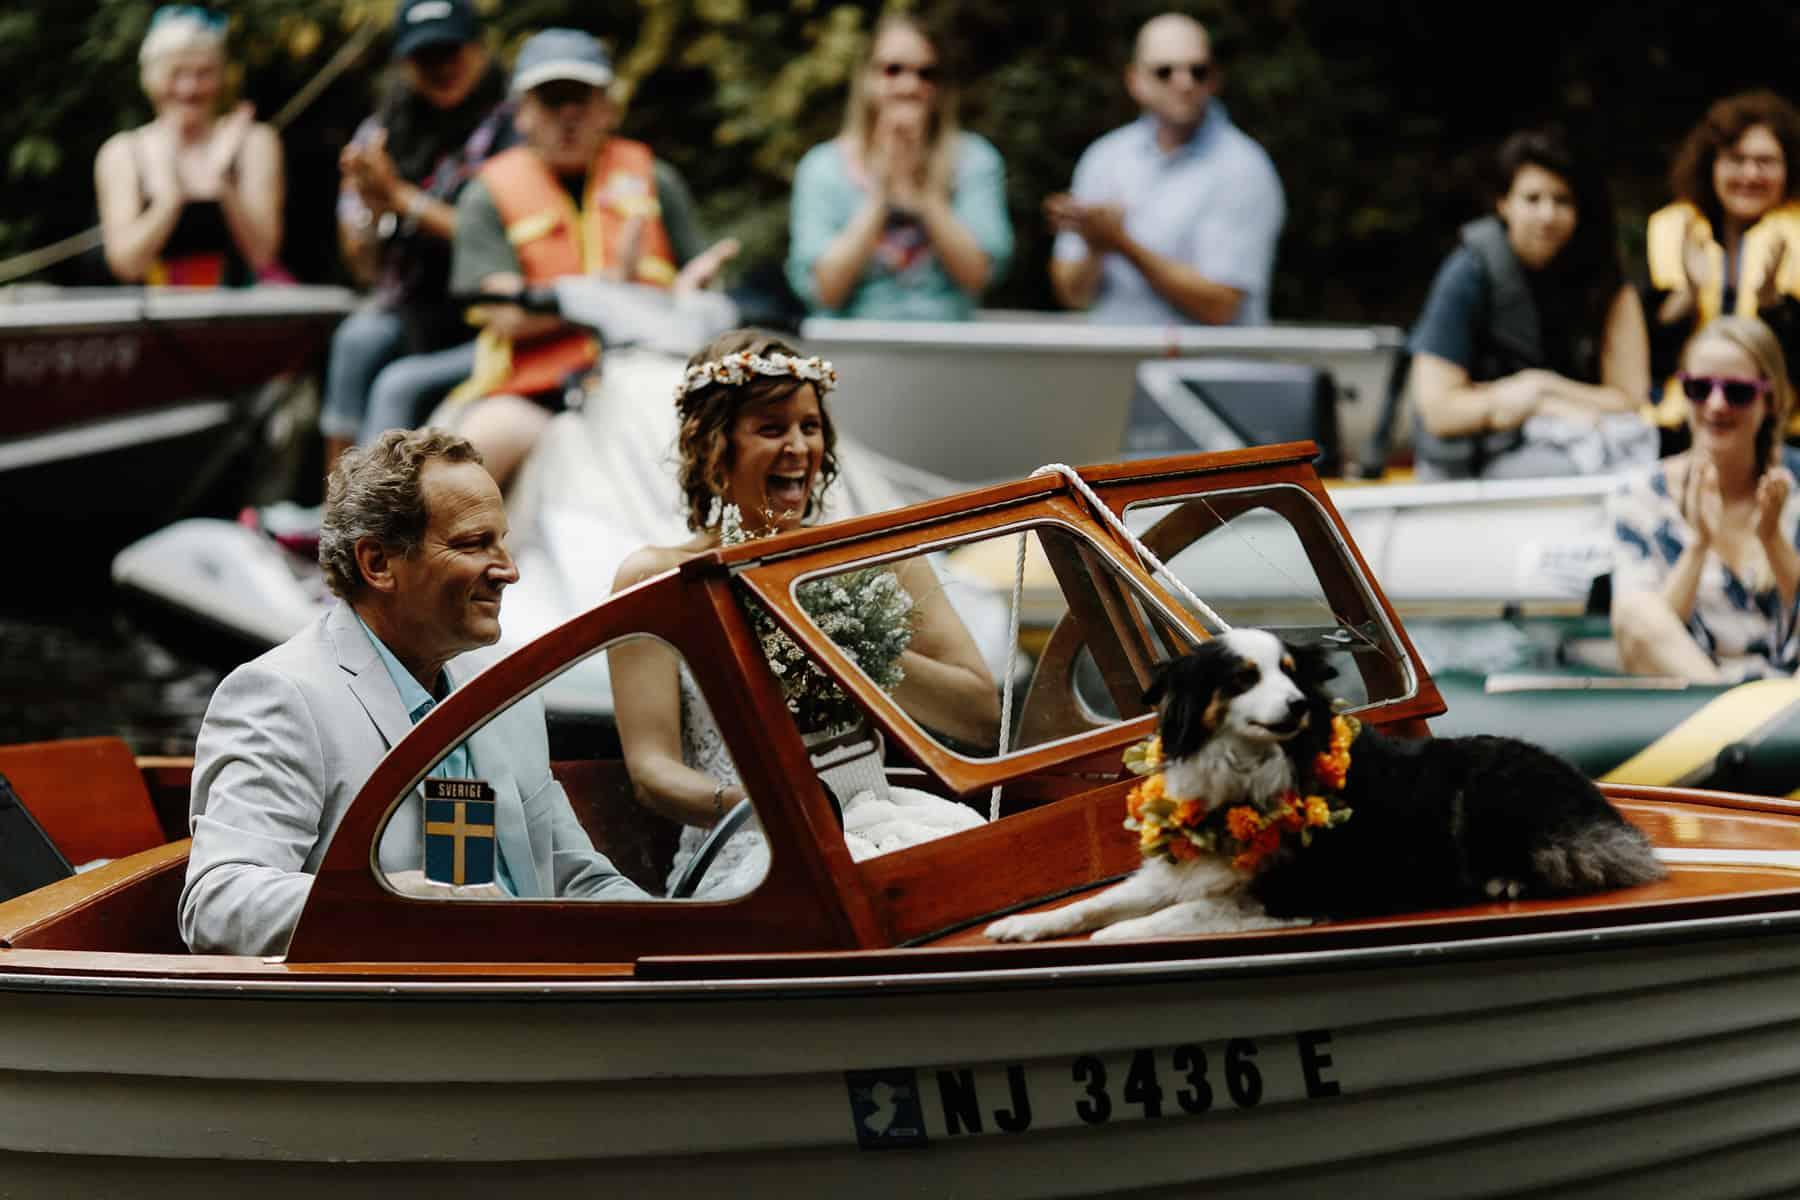 Canoe wedding - photography by Oli Sansom